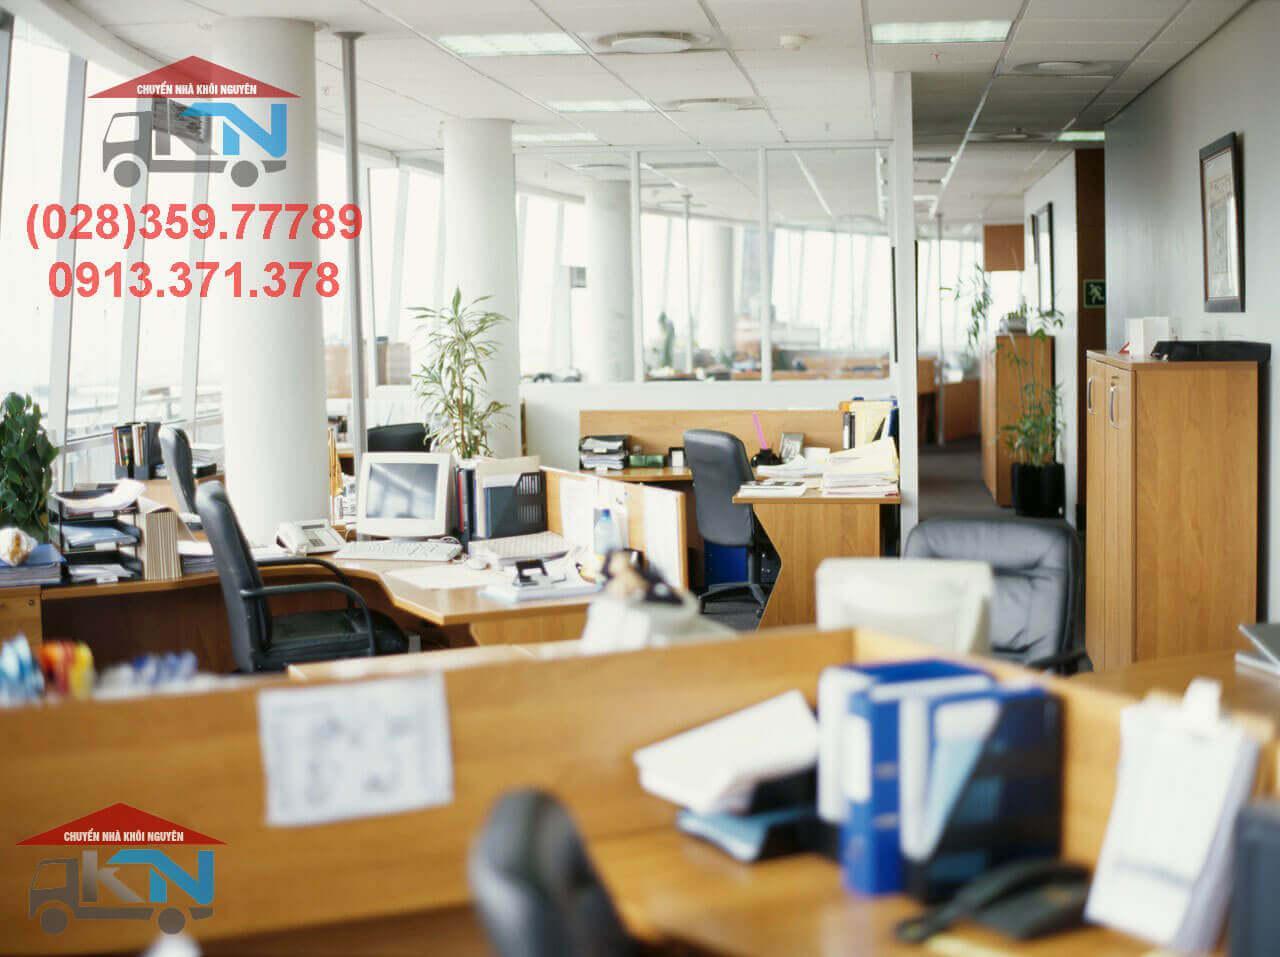 Dịch vụ chuyển văn phòng trọn gói Quận 12 giá rẻ